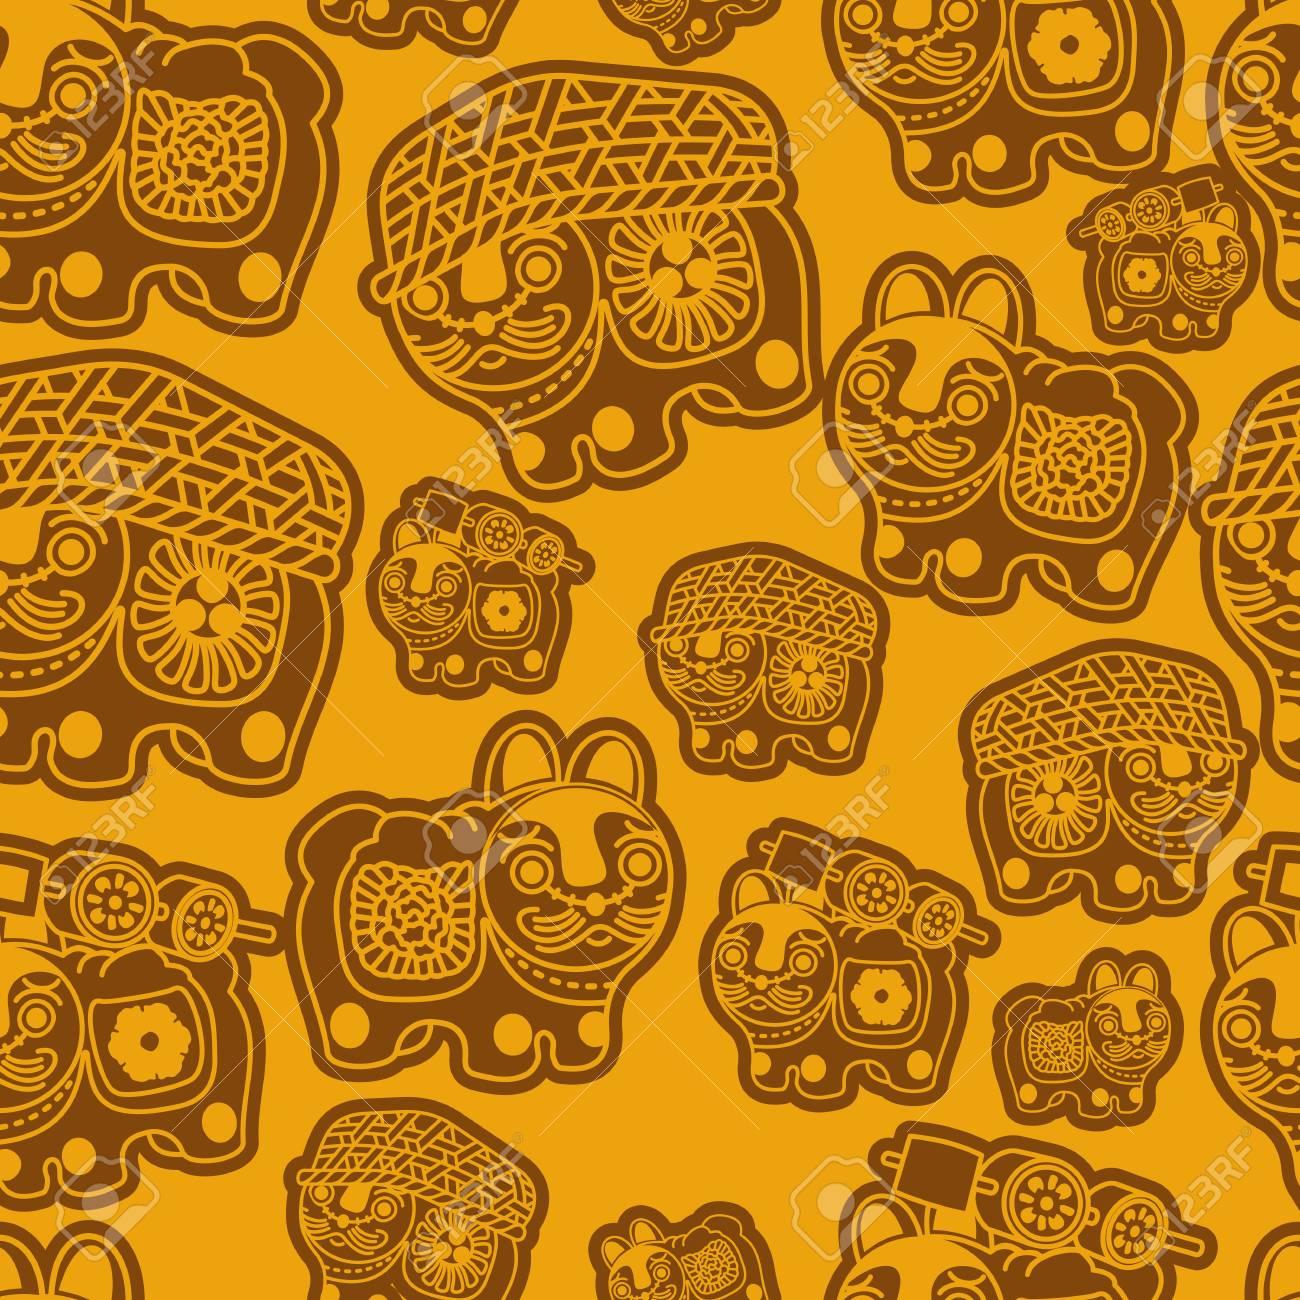 Jouet Pour Chien Japonais Motif De Texture Transparente. Seamless